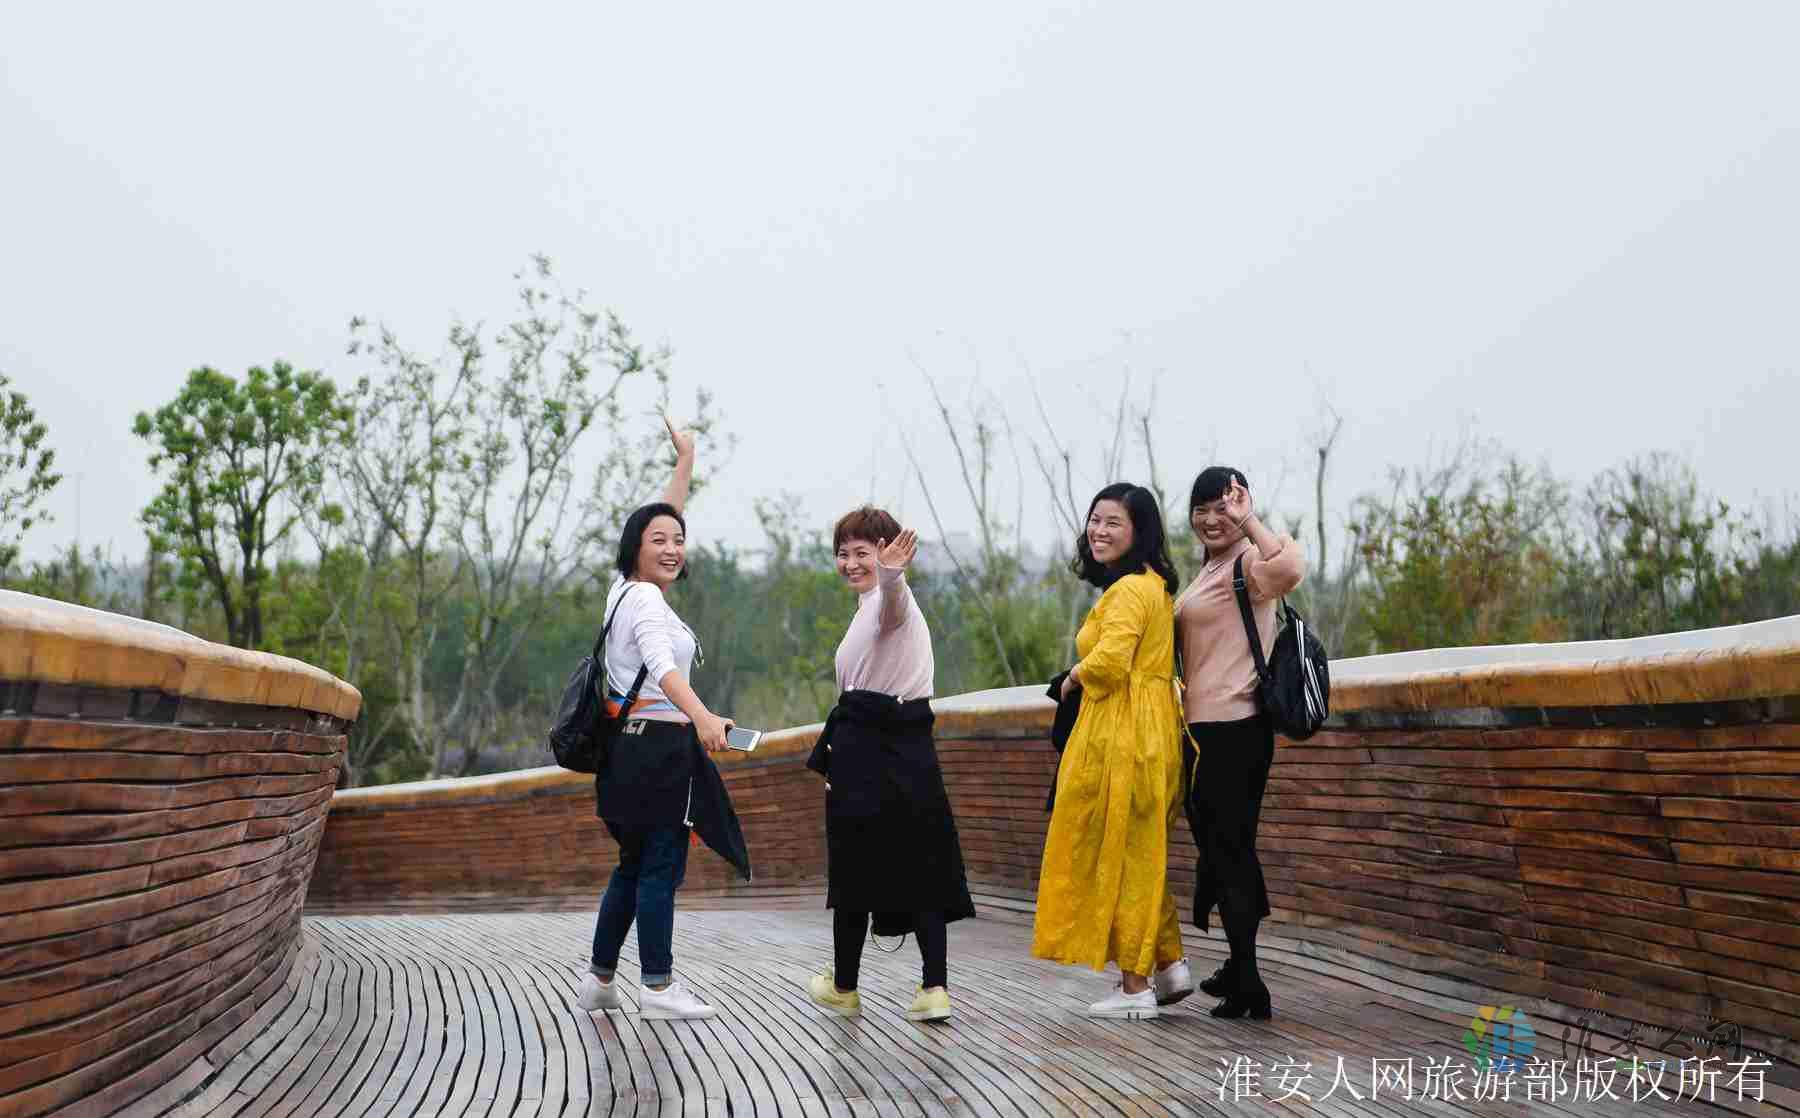 扬州一日游-52.jpg